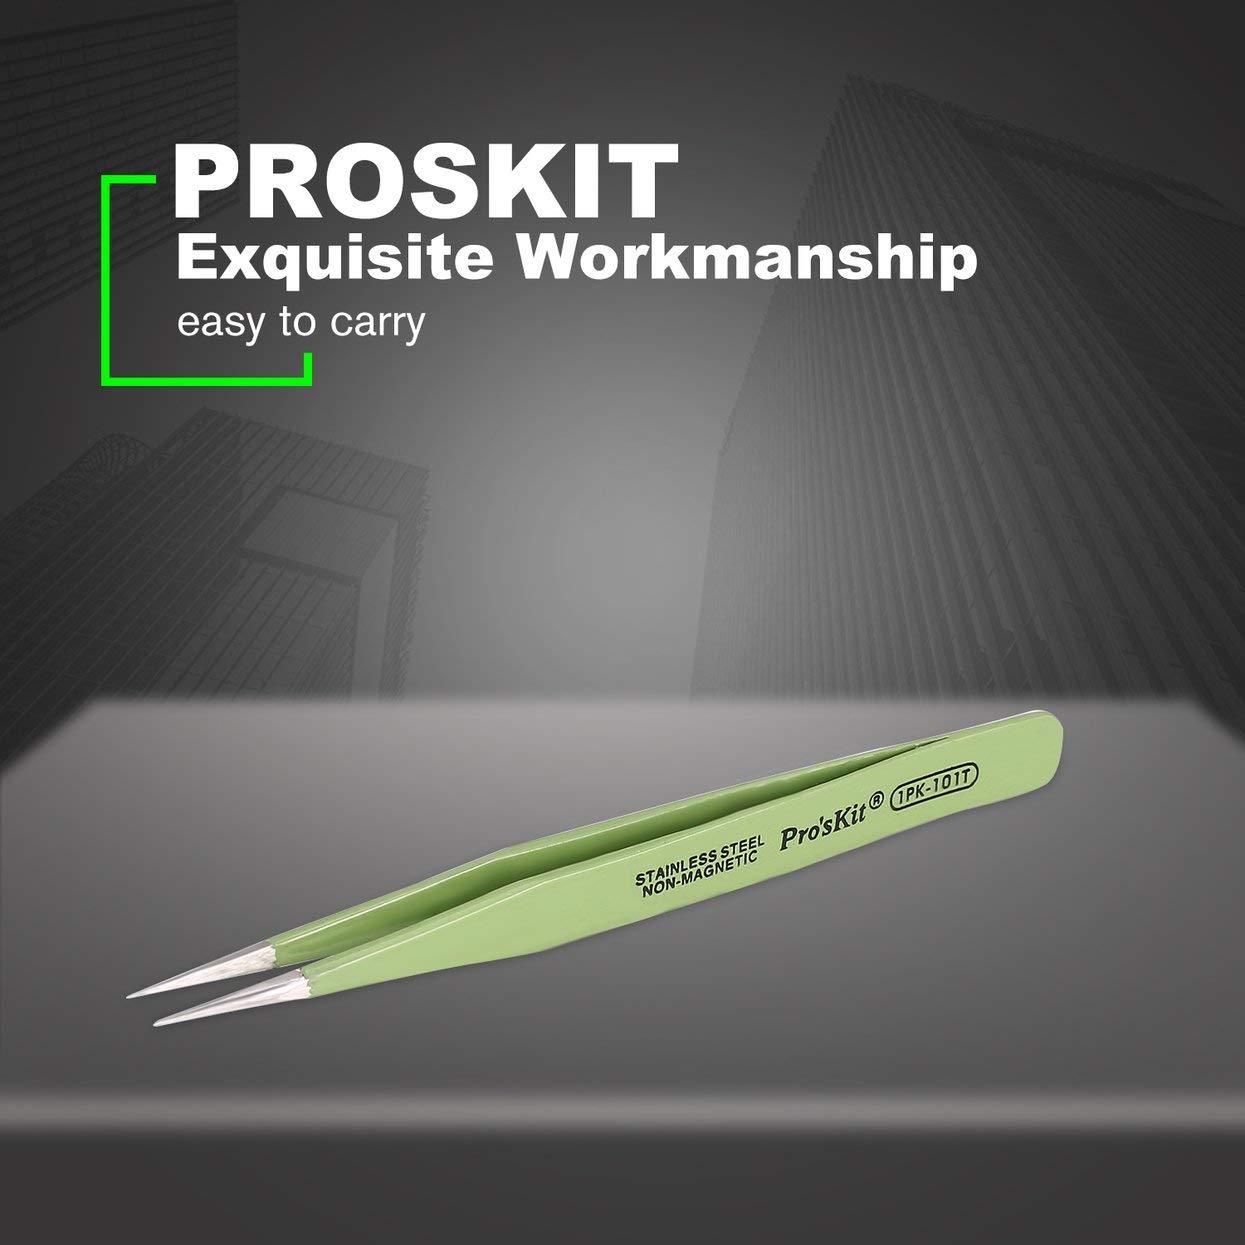 Tree-on-Life Proskit 1PK-101T Pince /à /épiler isol/ée 120mm Pince /à /épiler Arrondie Non magn/étique Anti-Statique